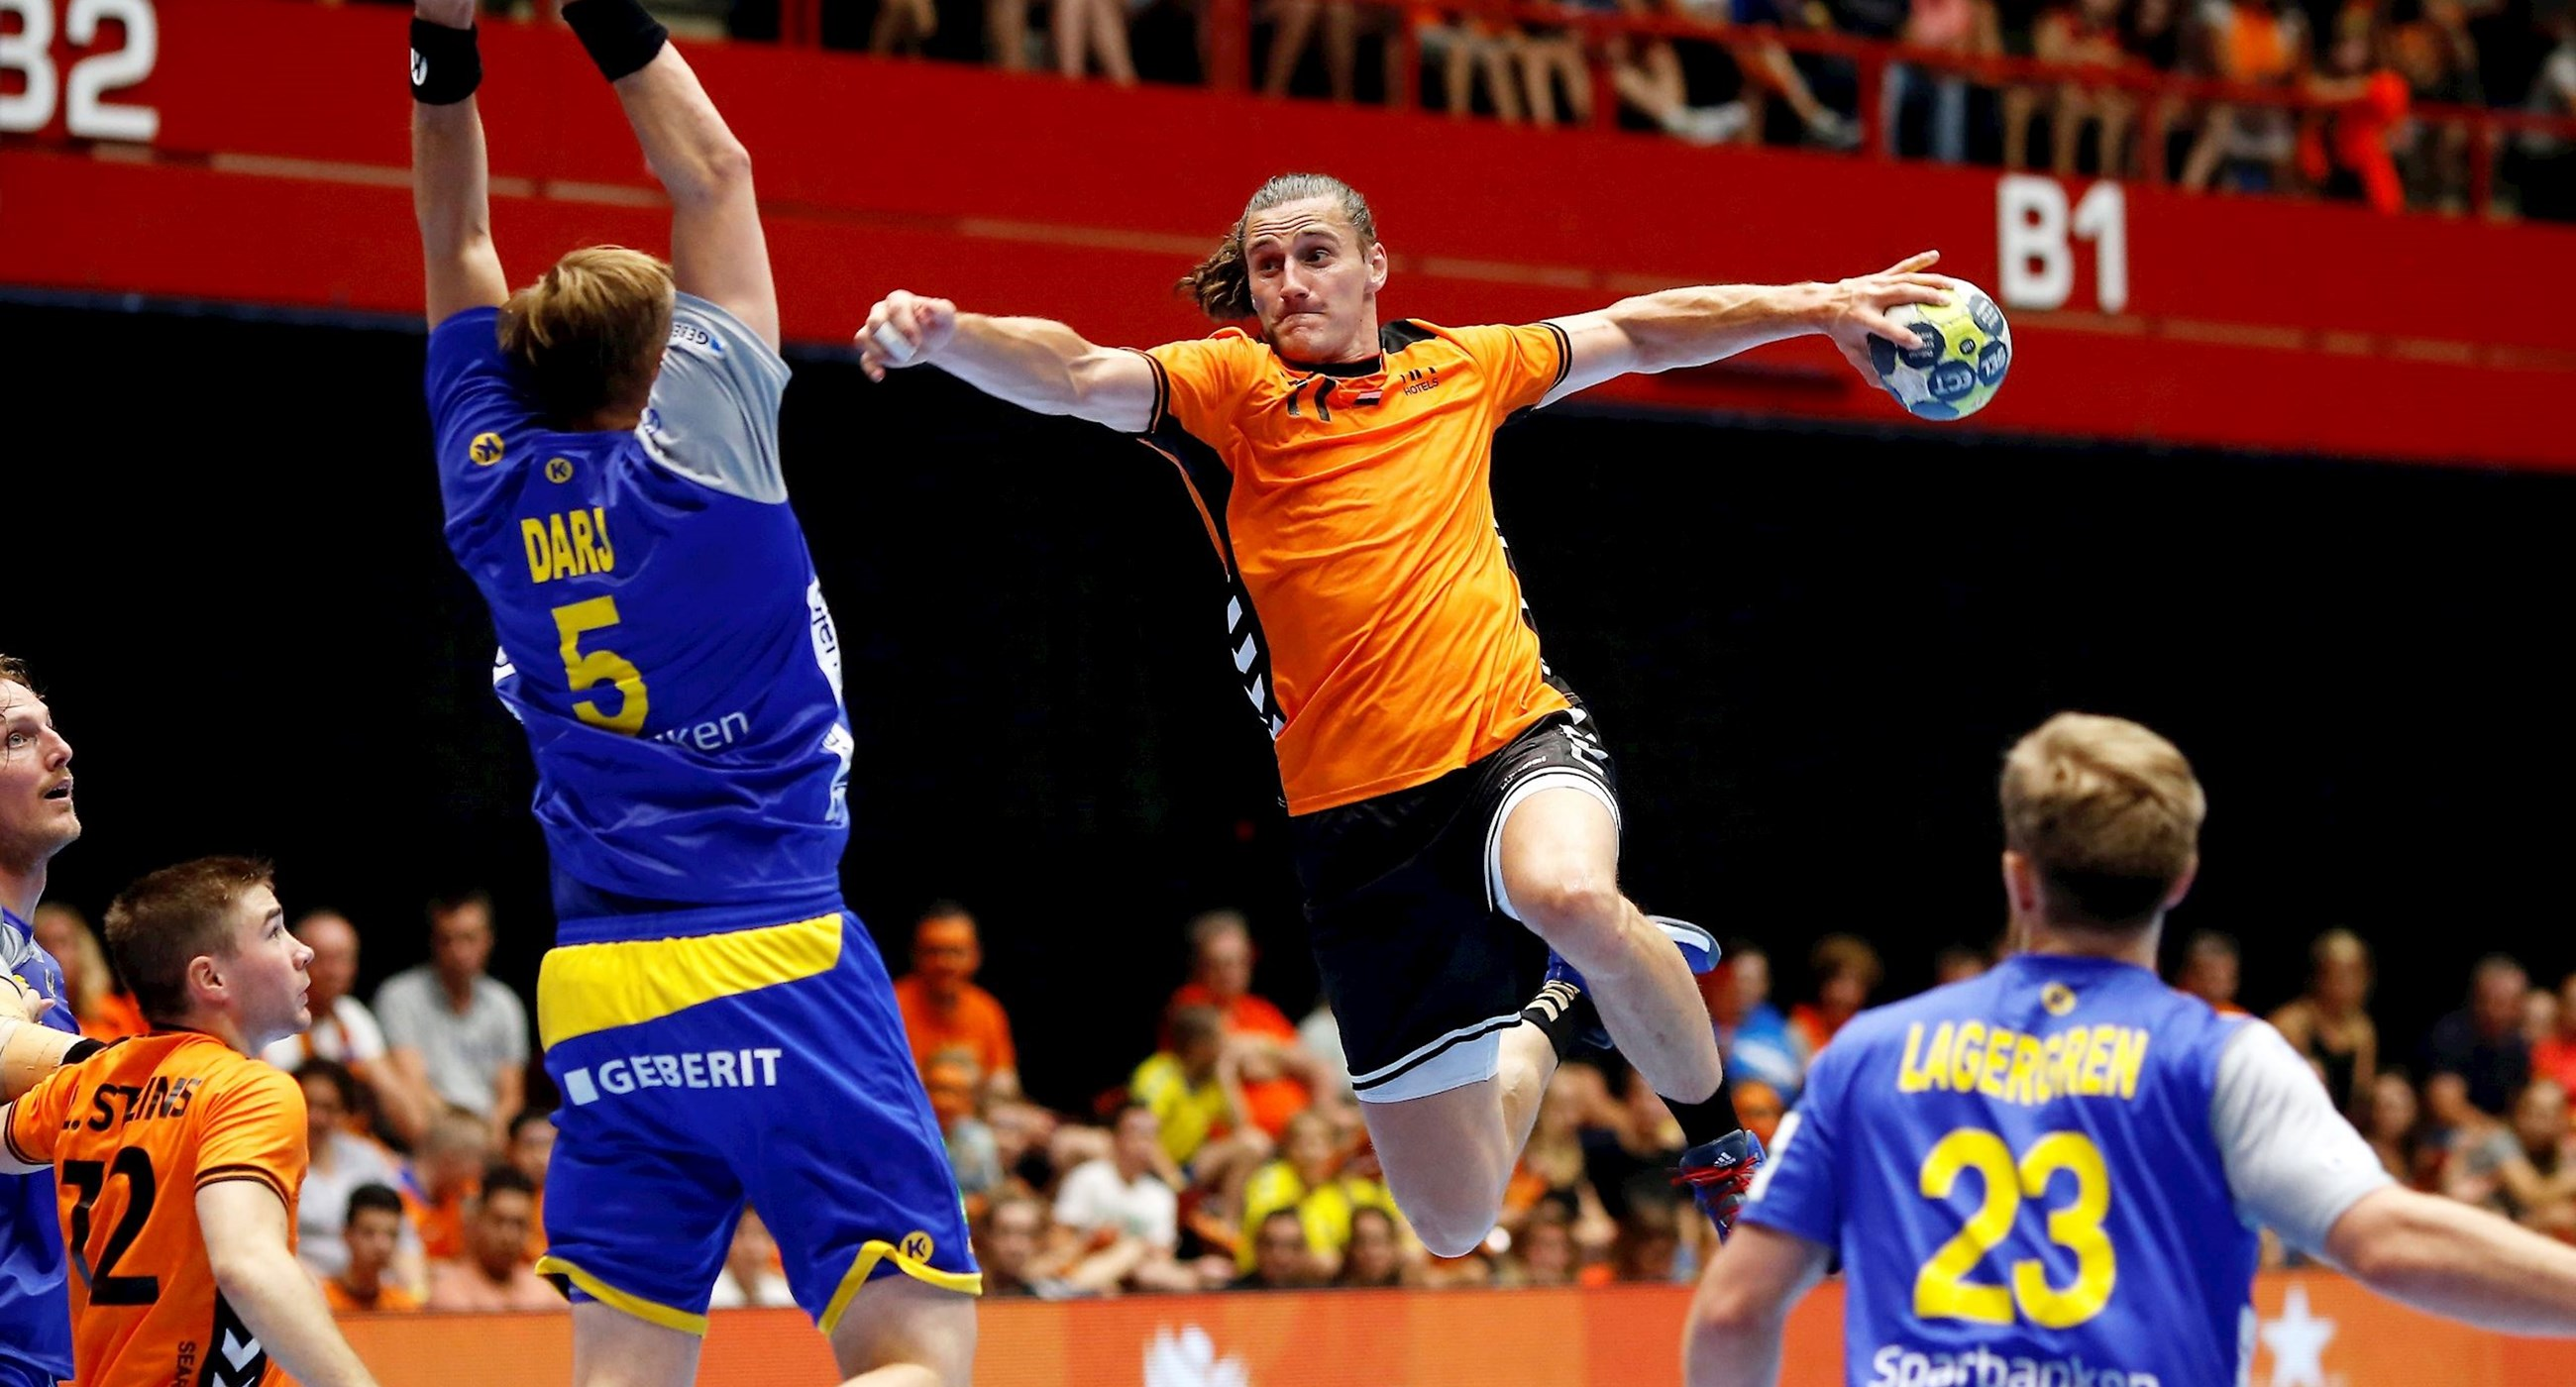 Handbal: WK-playoff (m) Zweden-Nederland